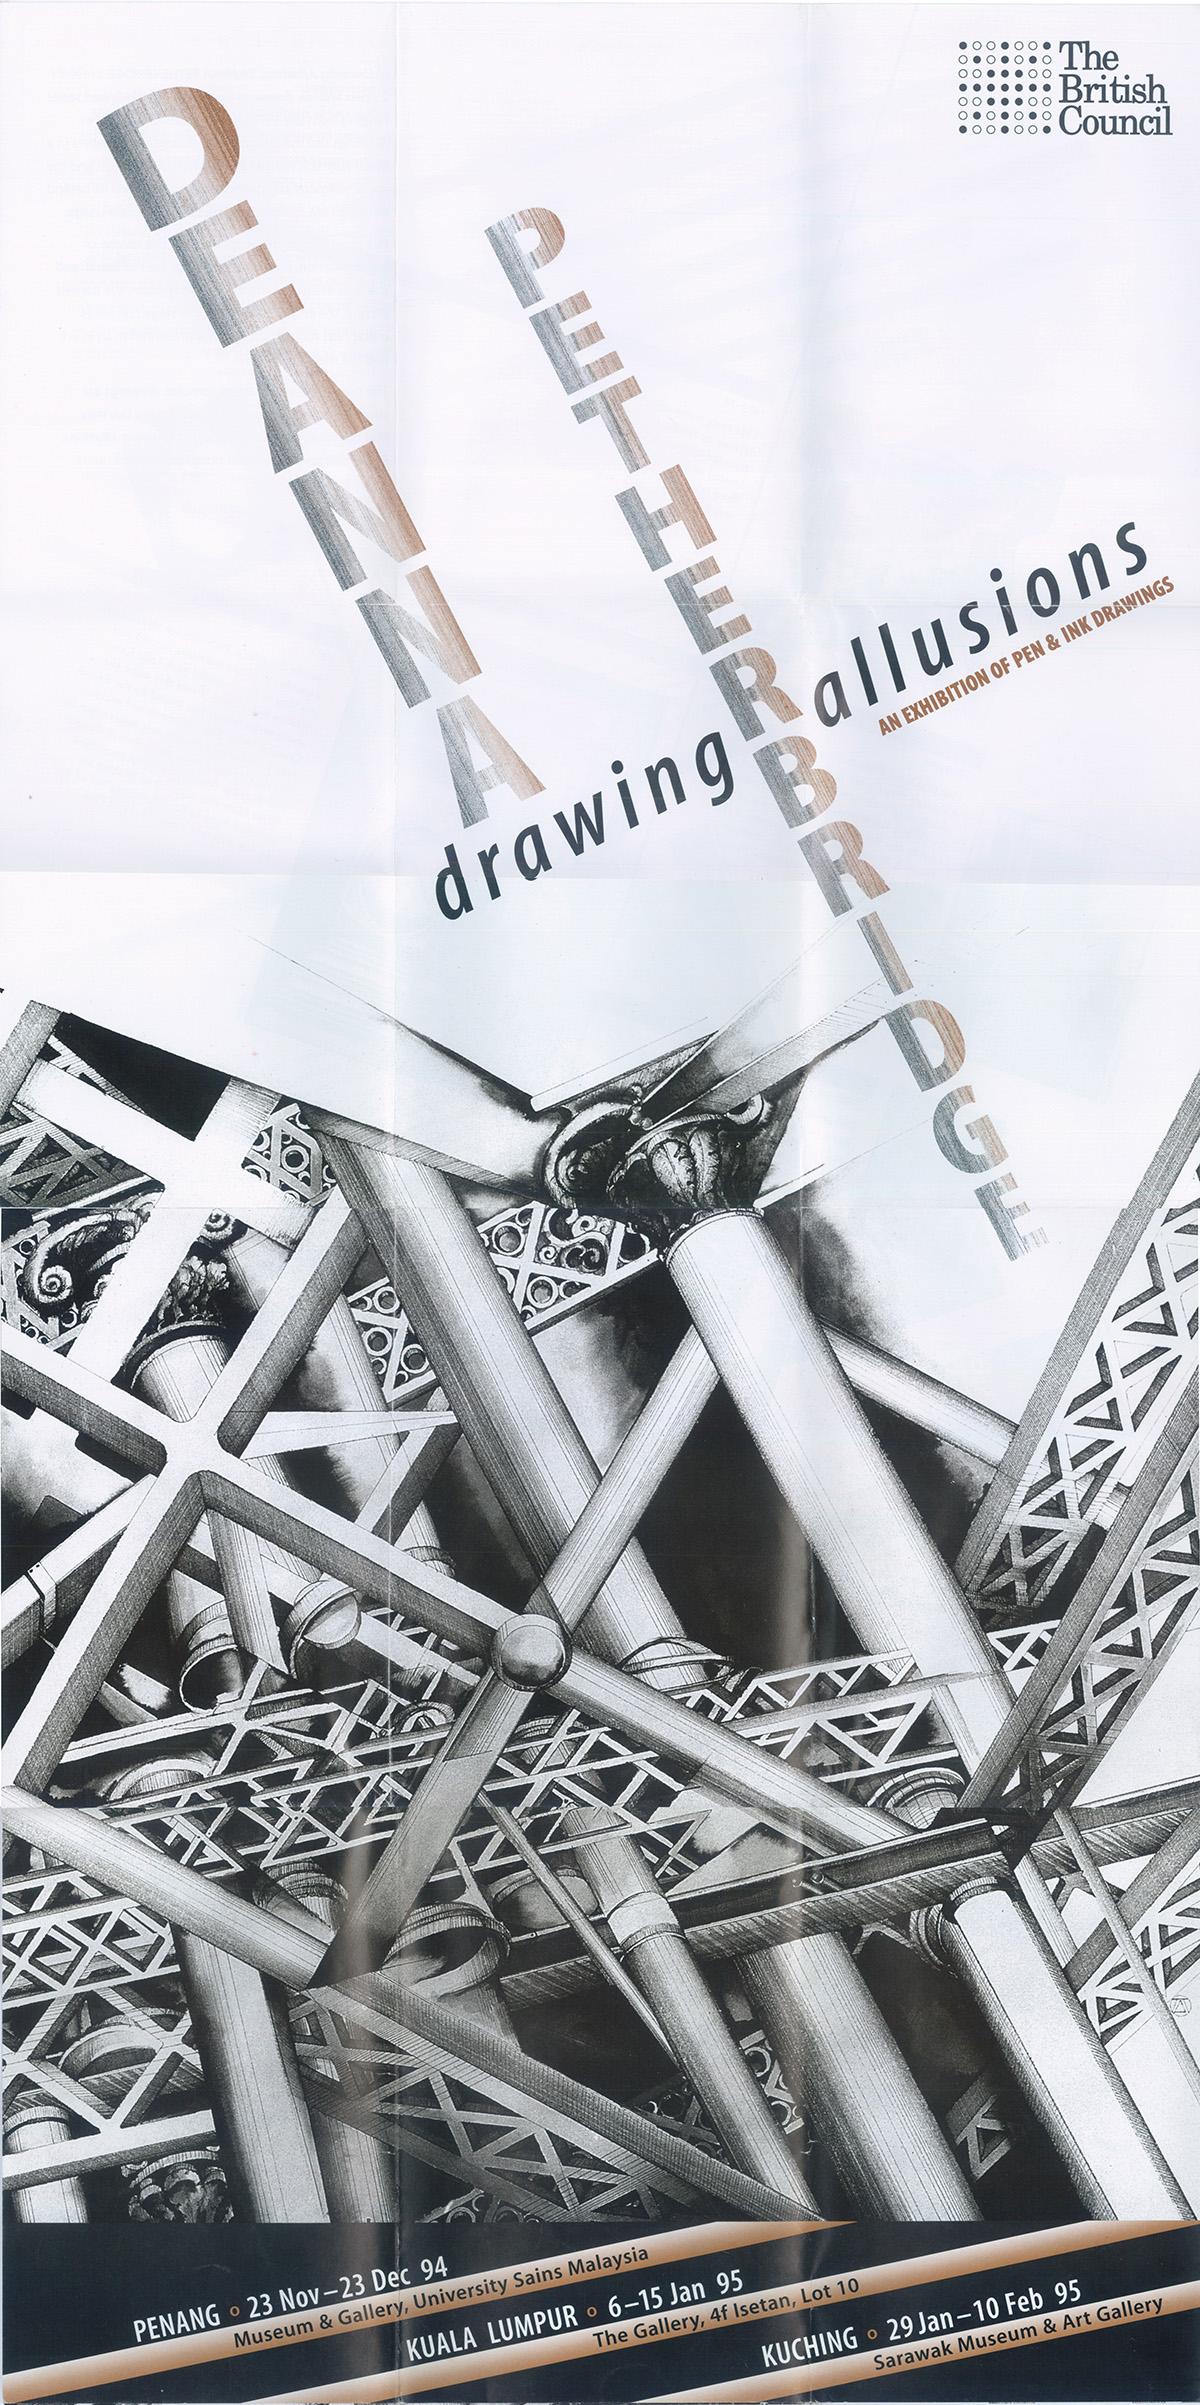 whwWeb_BC_Drawing Allusions_Poster.jpg